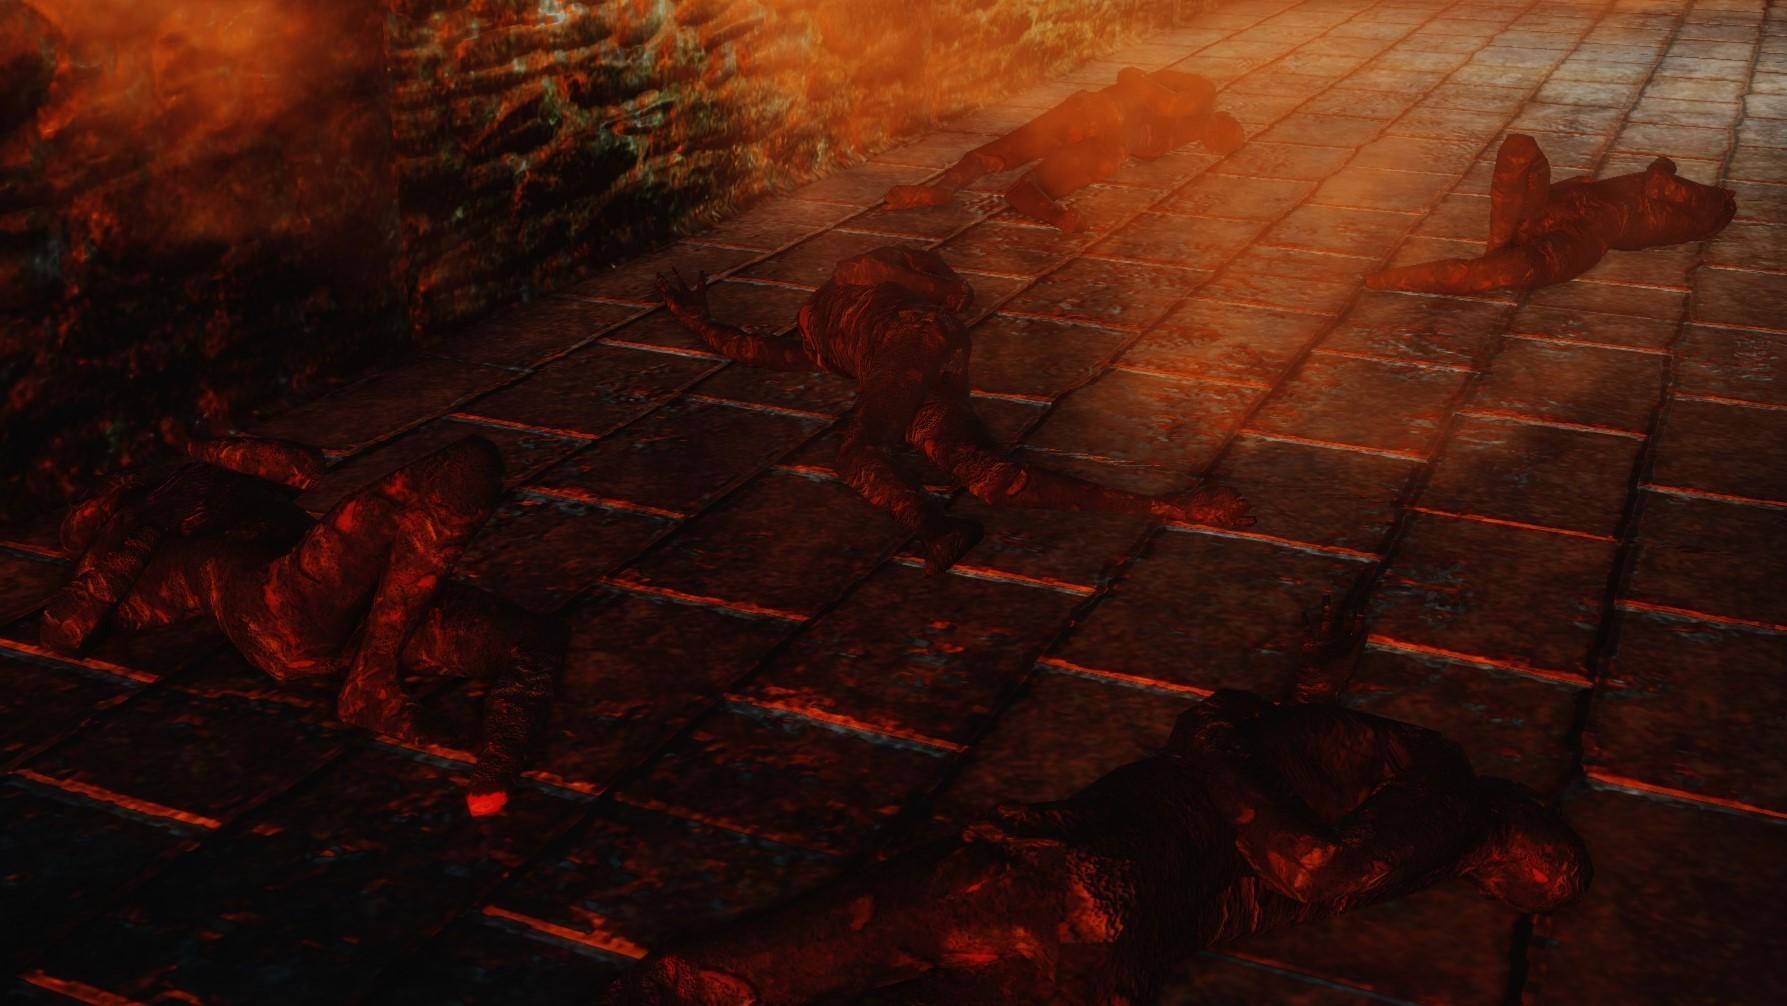 Oblivion20200612 170656